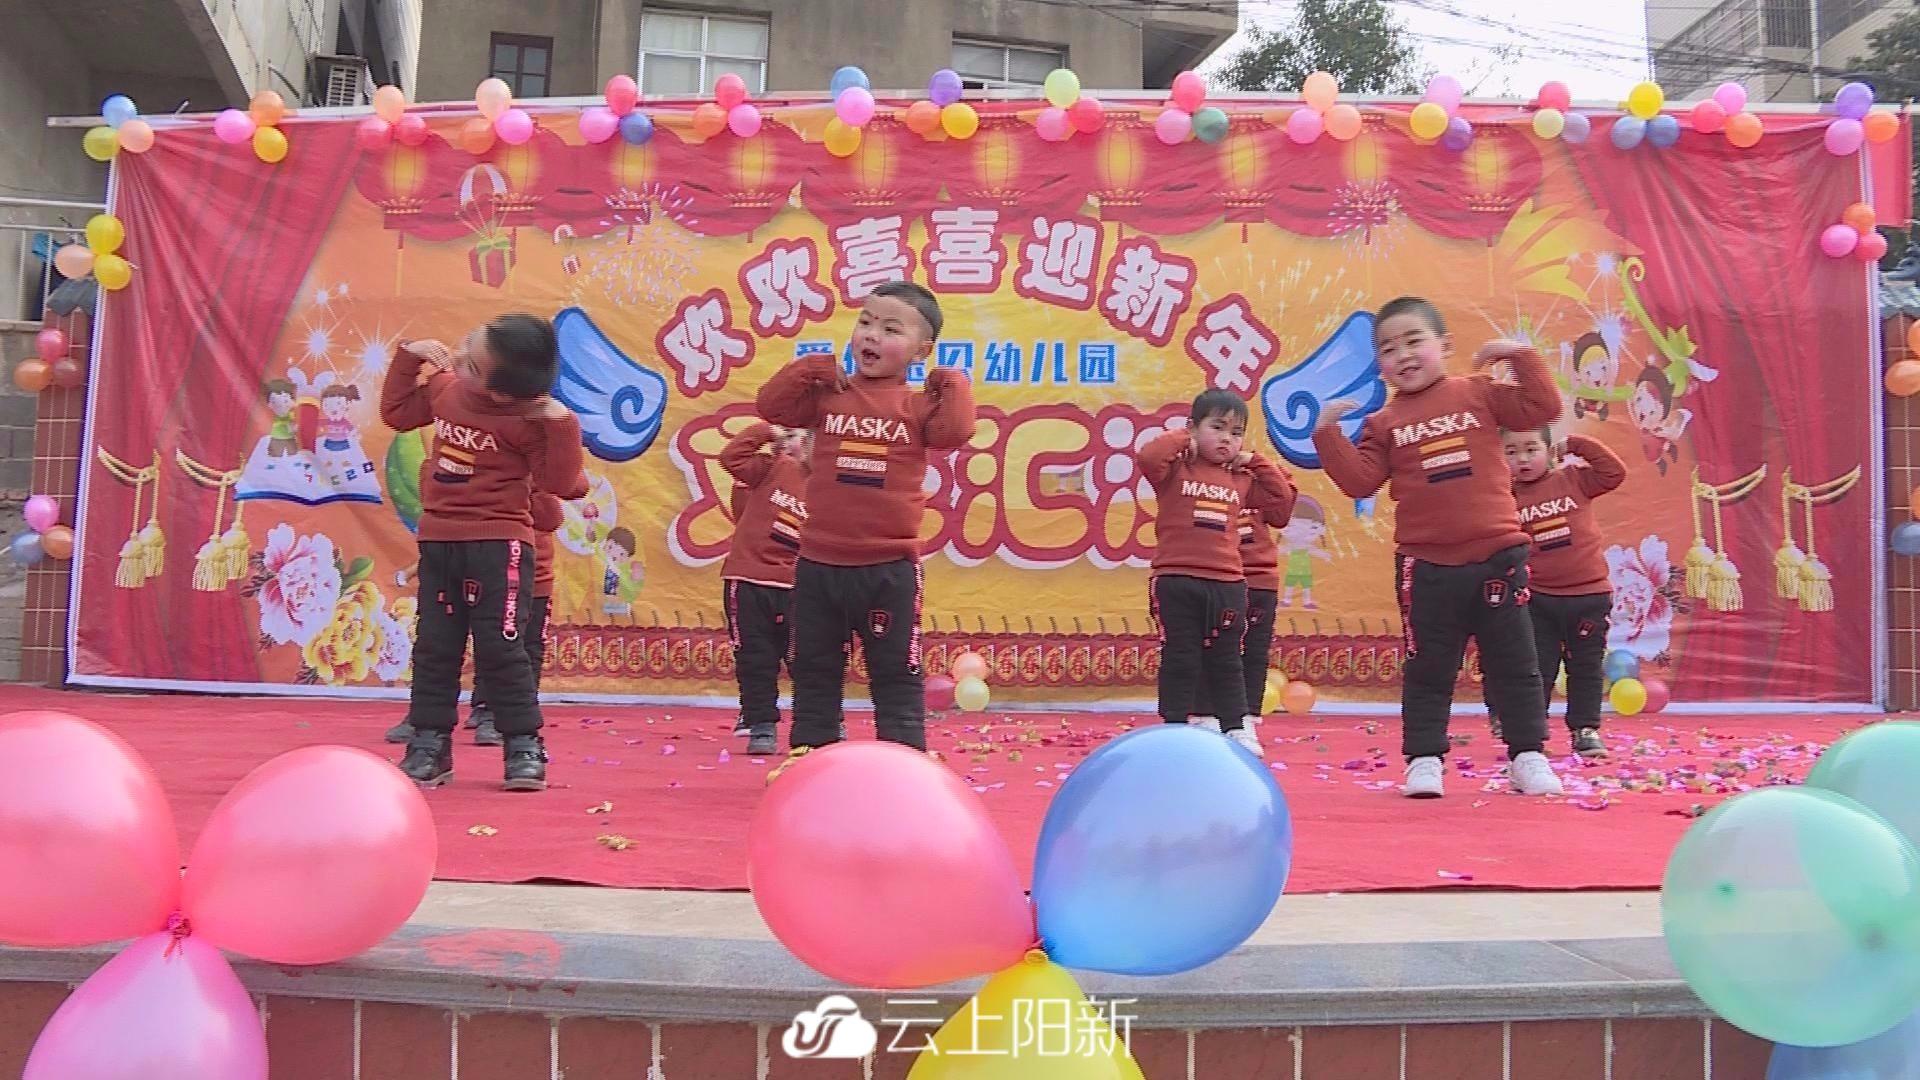 文艺演出在大班小朋友表演的舞蹈《可爱颂》中拉开帷幕,小班舞蹈